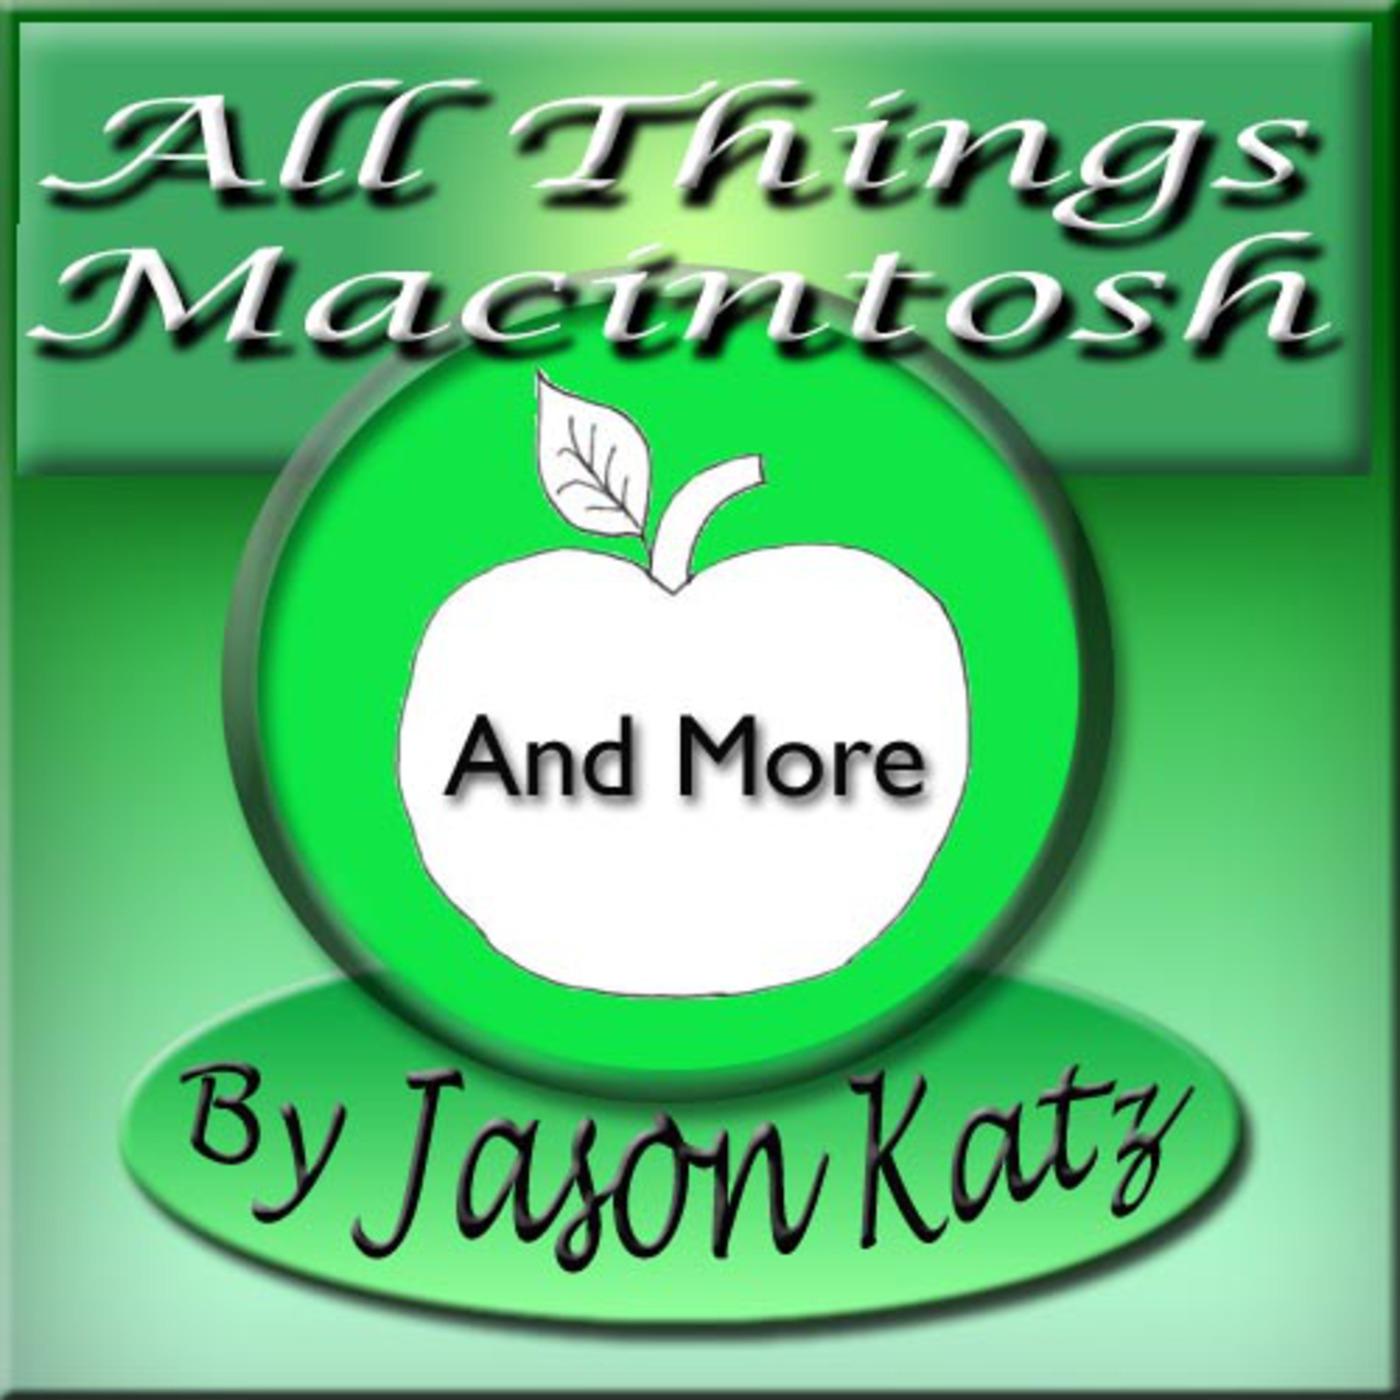 All Things Macintosh